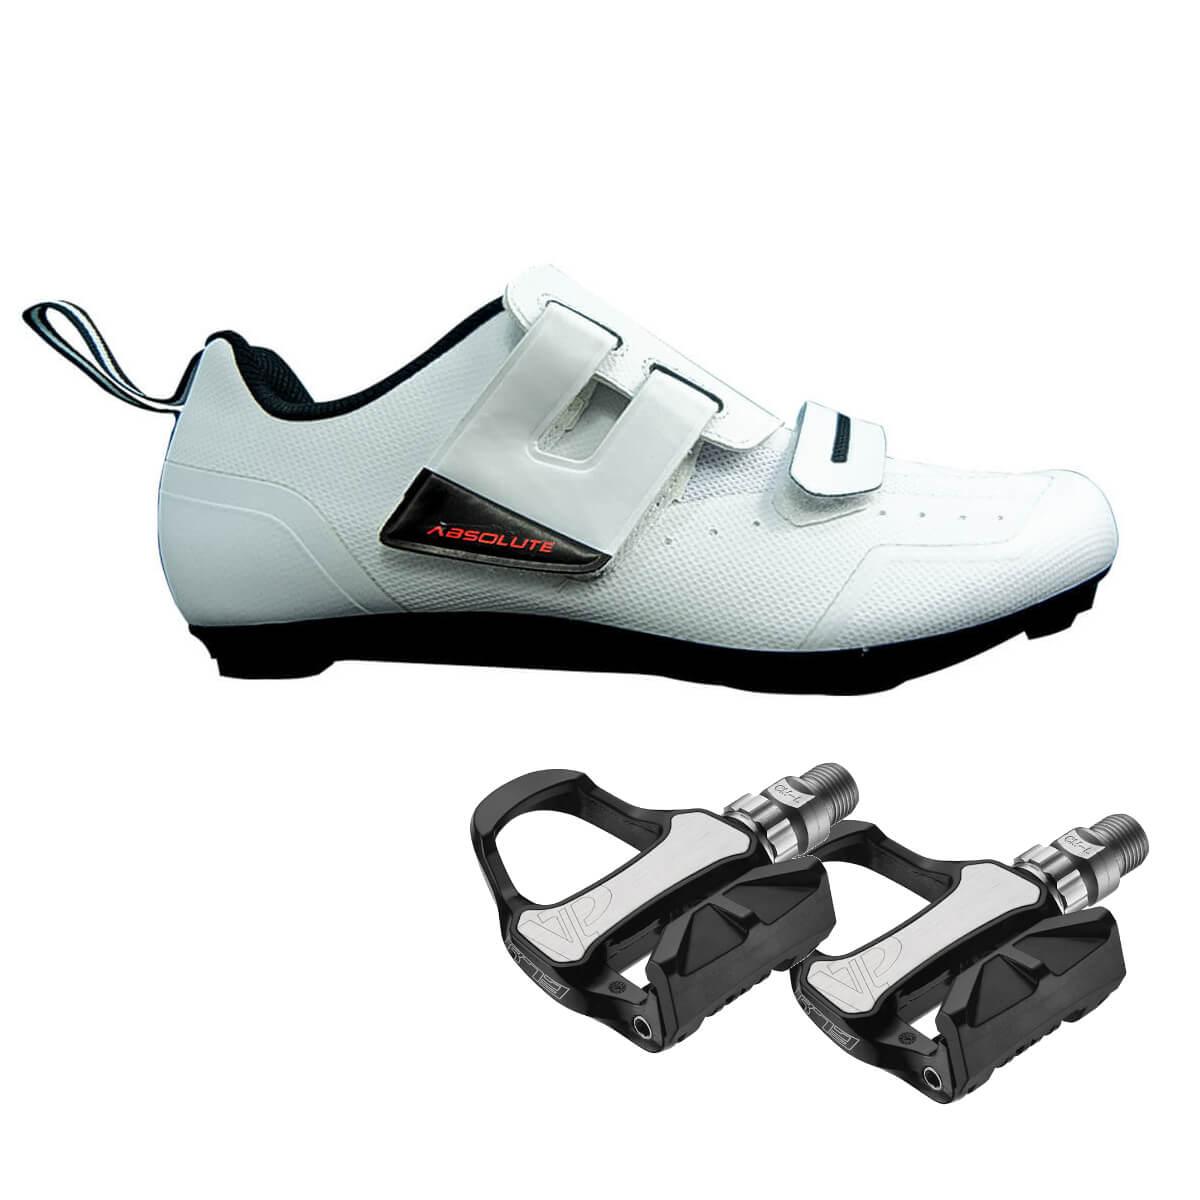 Sapatilha Triathlon Speed Absolute Triton 41 BR + Pedal R73H